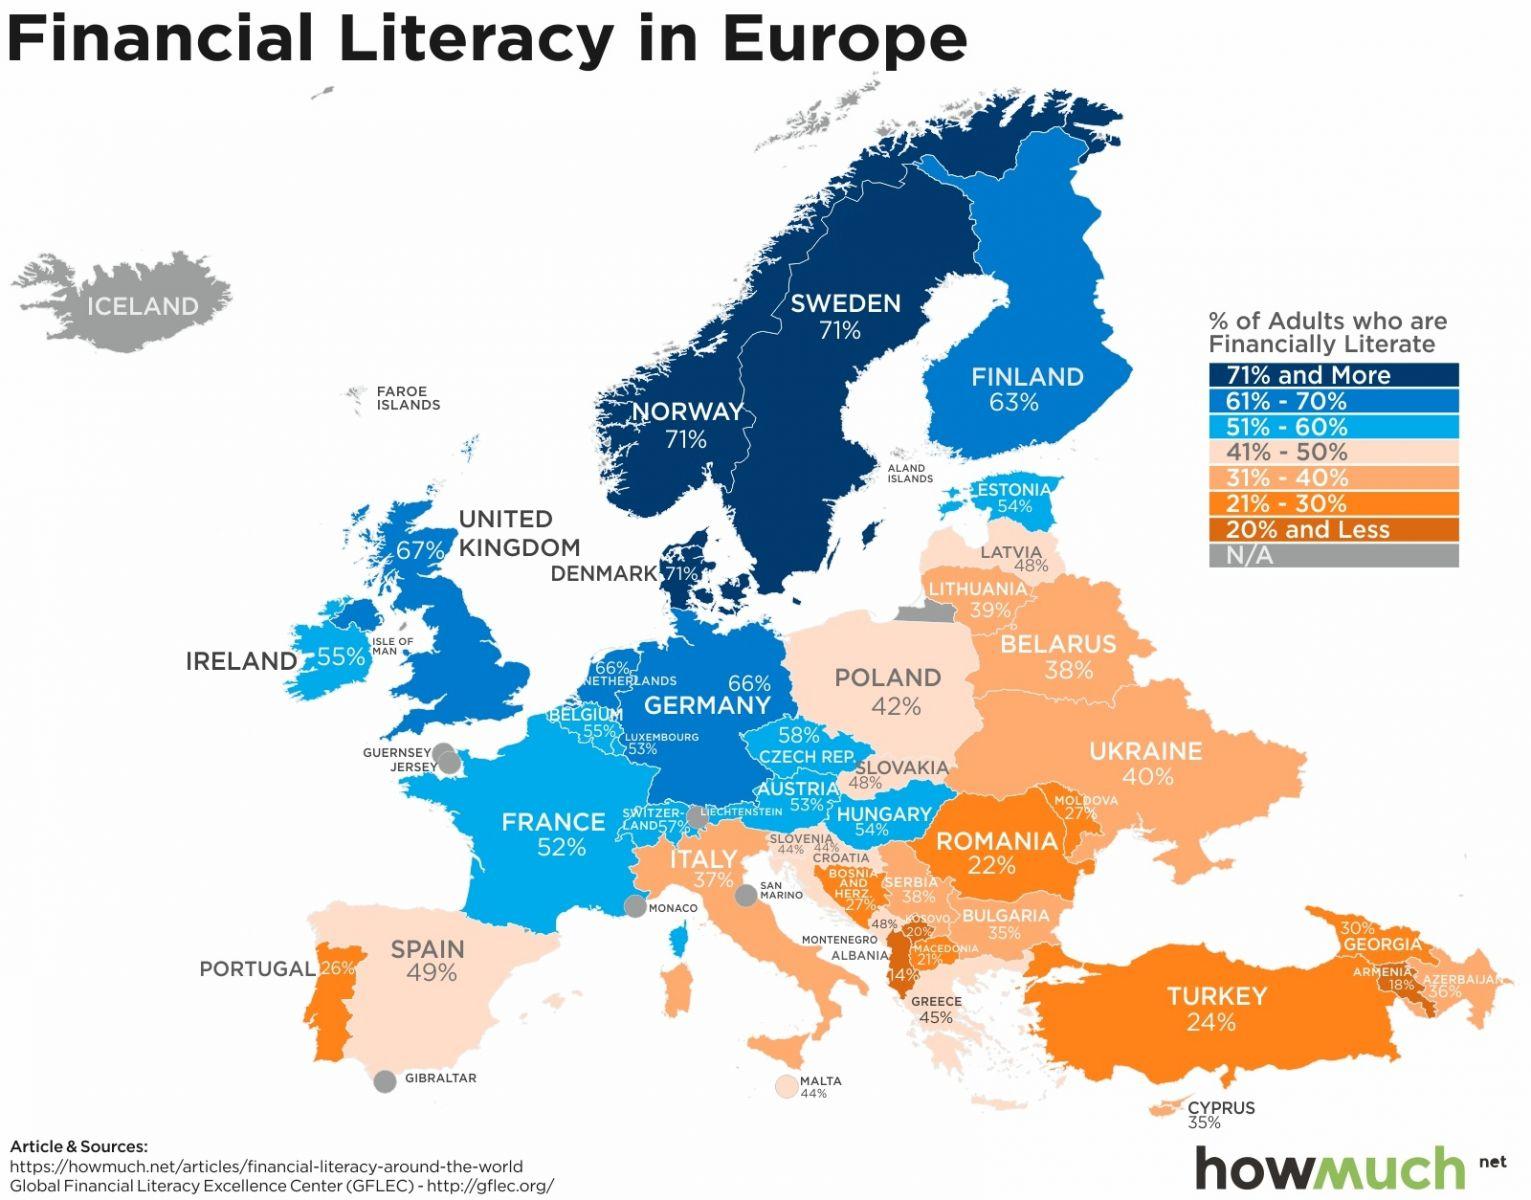 Умеют ли украинцы видеть финансовую выгоду?